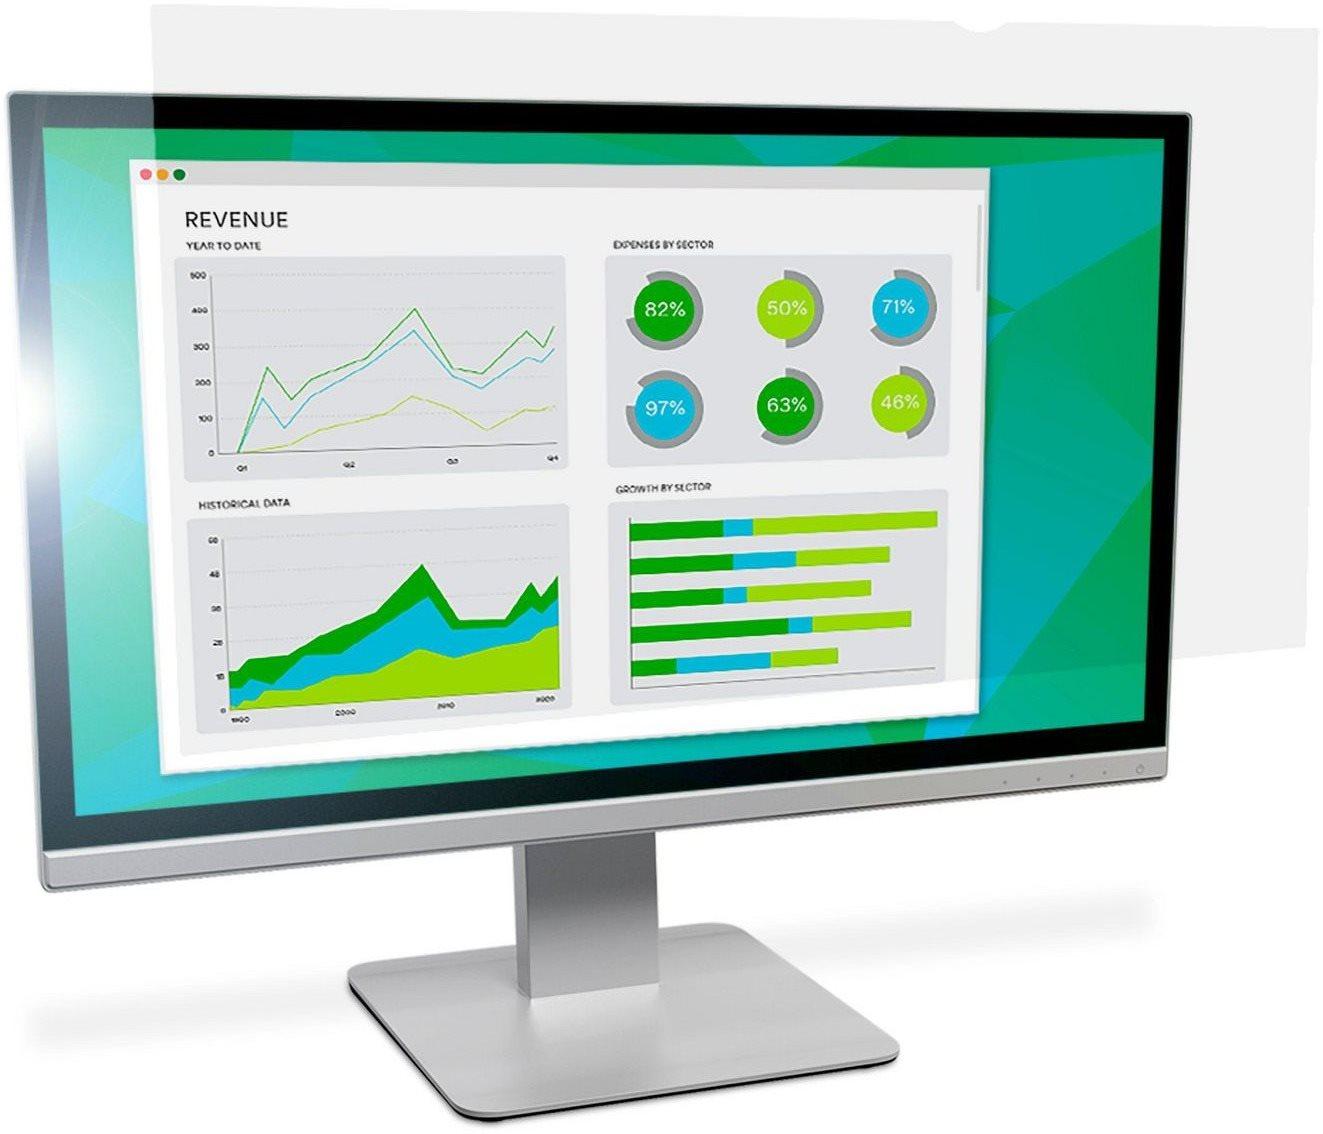 """3M-os LCD-képernyő 21,5""""szélesvásznú 16: 9, tükröződésmentes"""